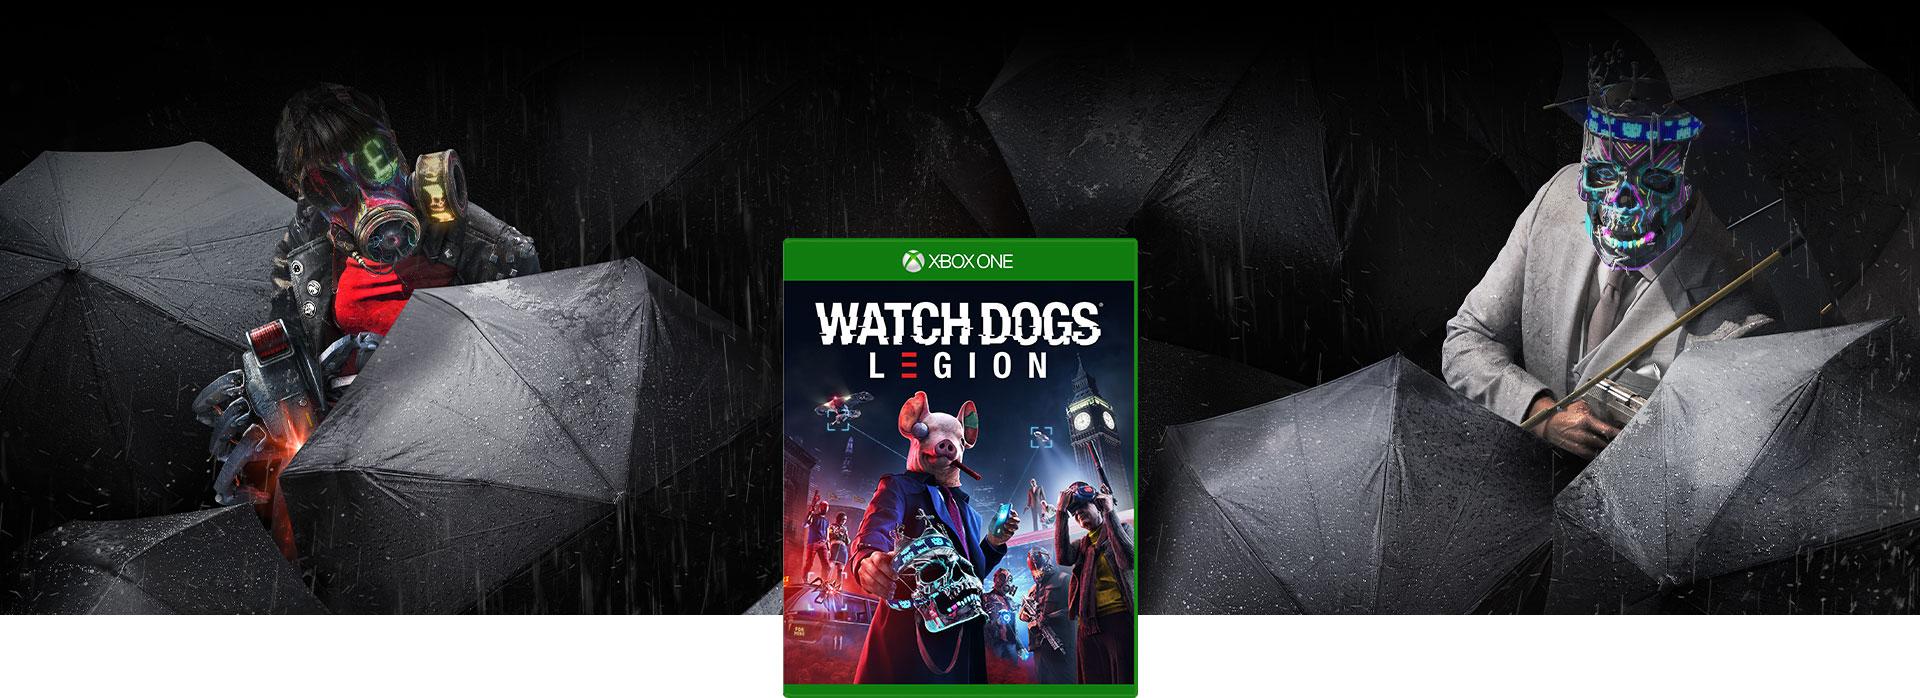 Watch Dogs kutu resmi Legion ve yağmurda siyah şemsiyeler arasında silahlı iki karakter